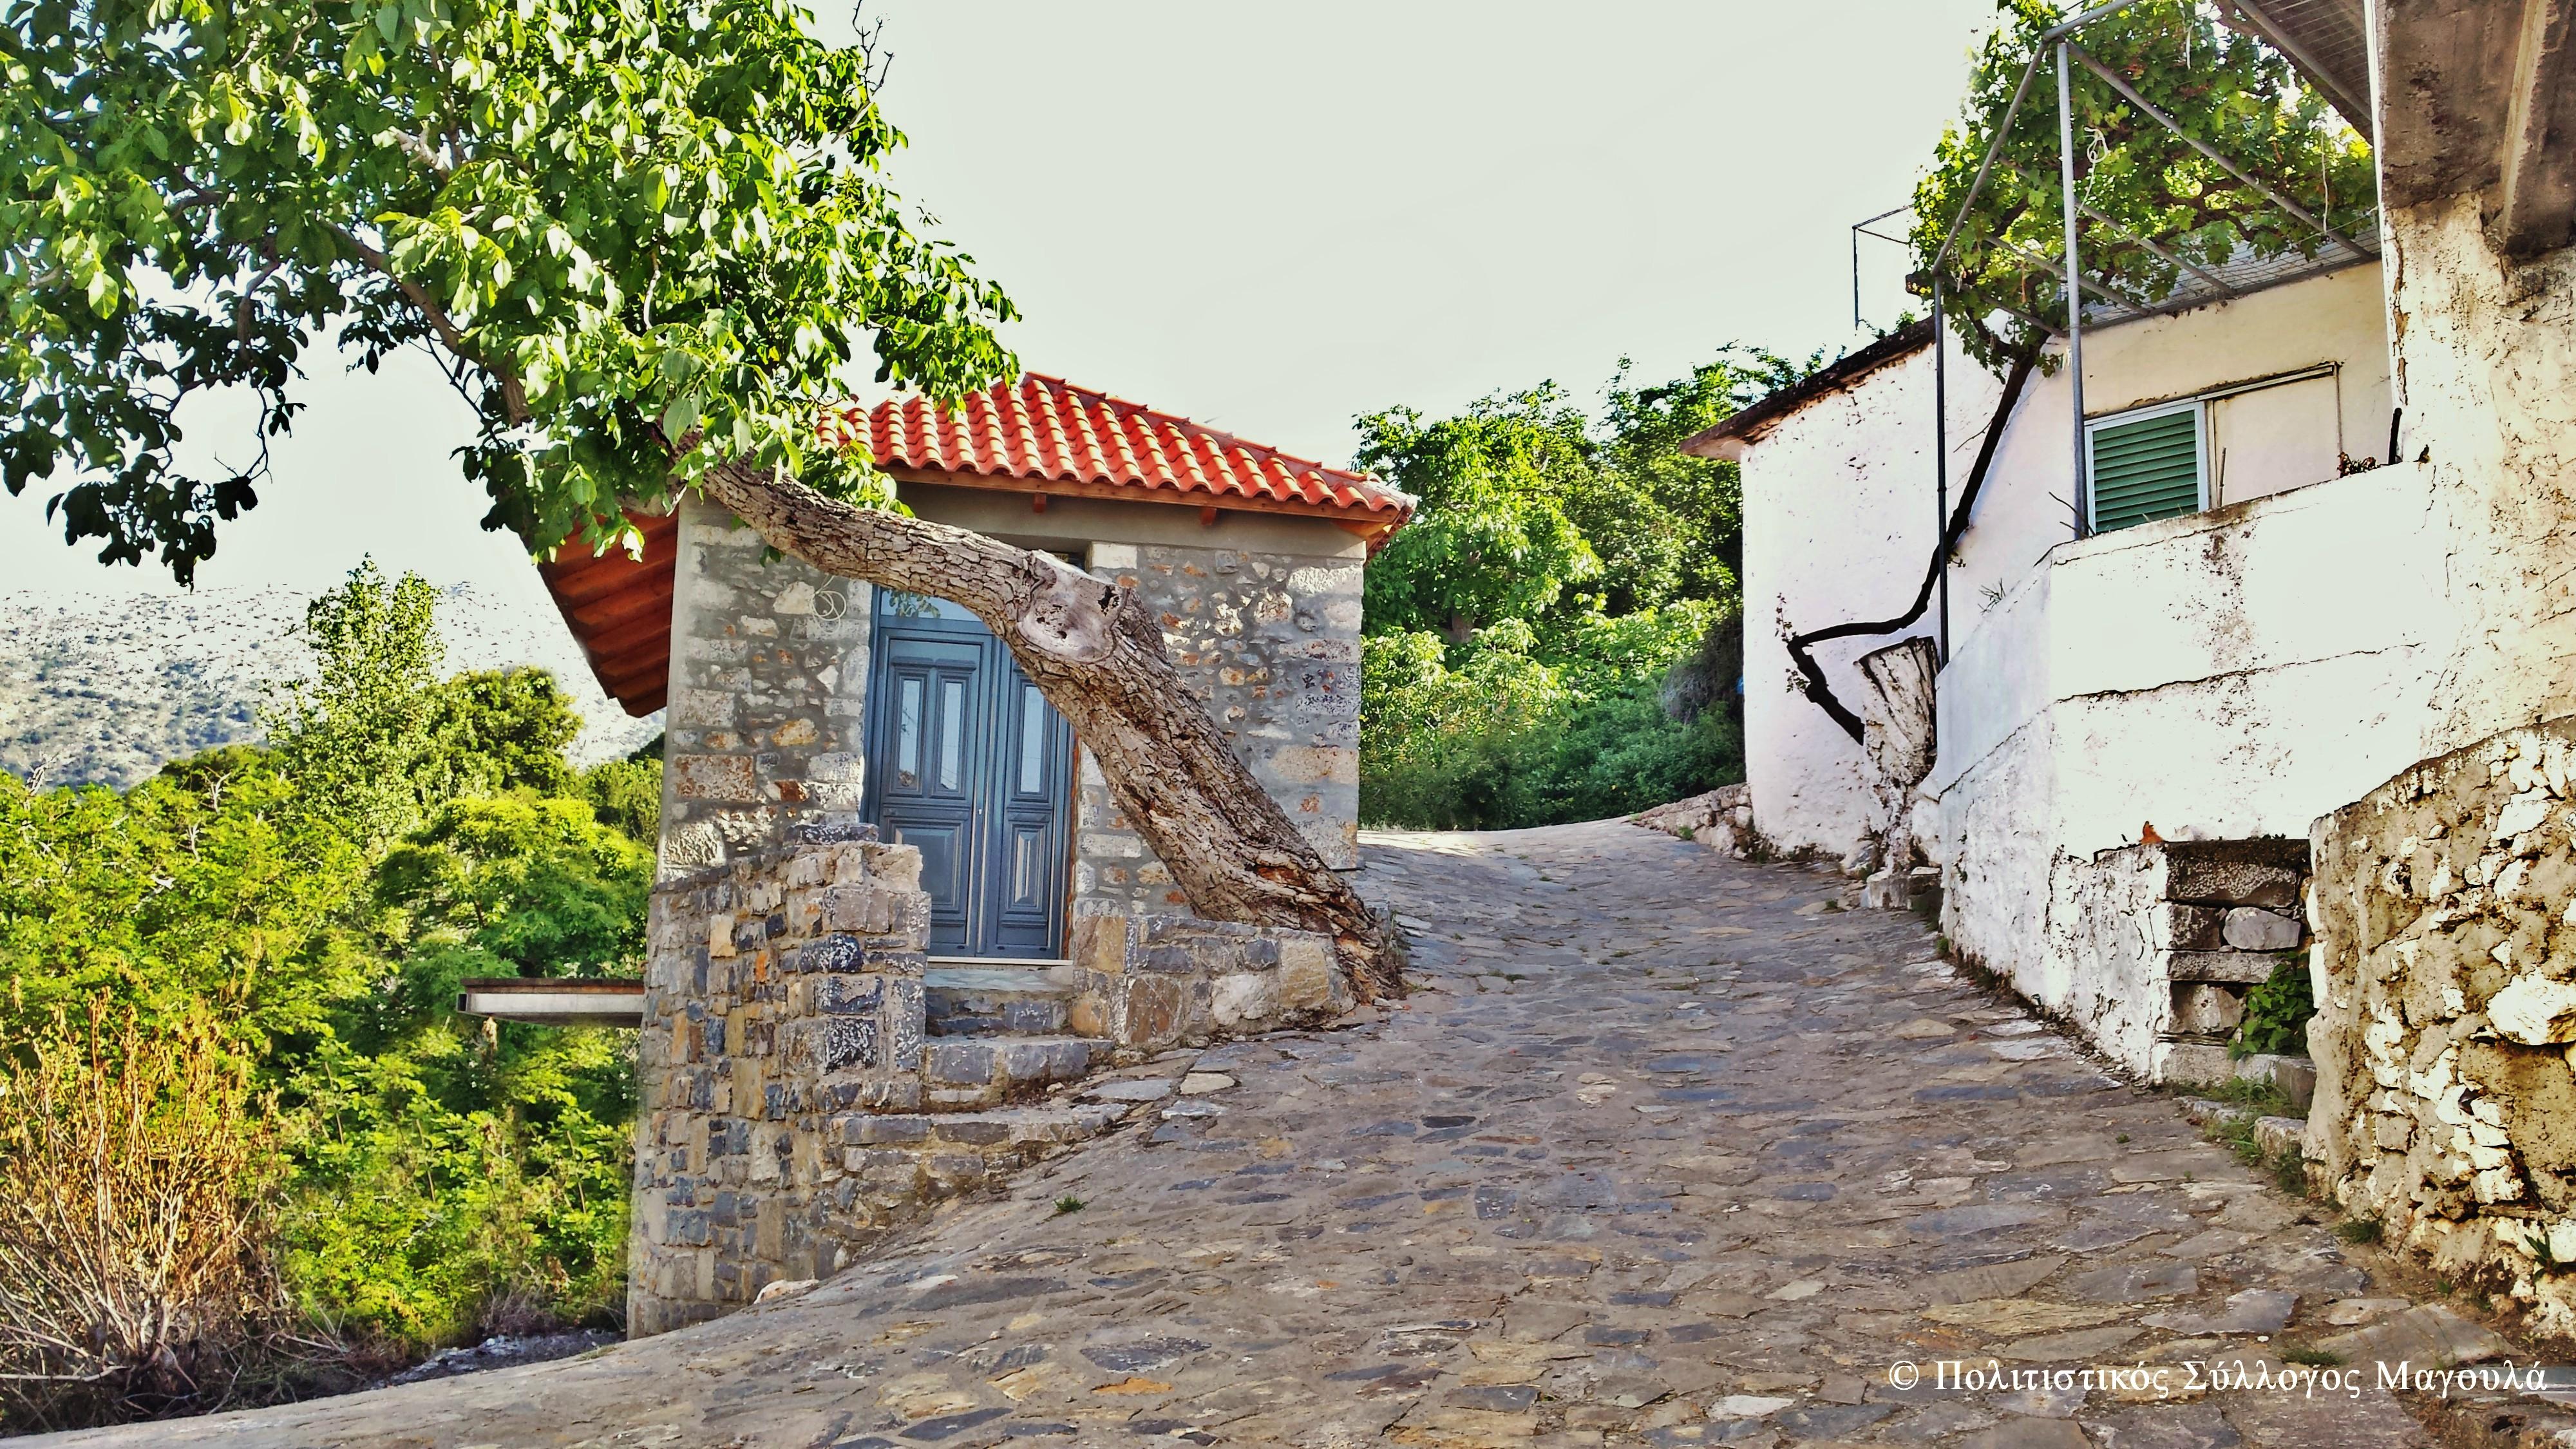 Περπατώντας μέσα στο χωριό